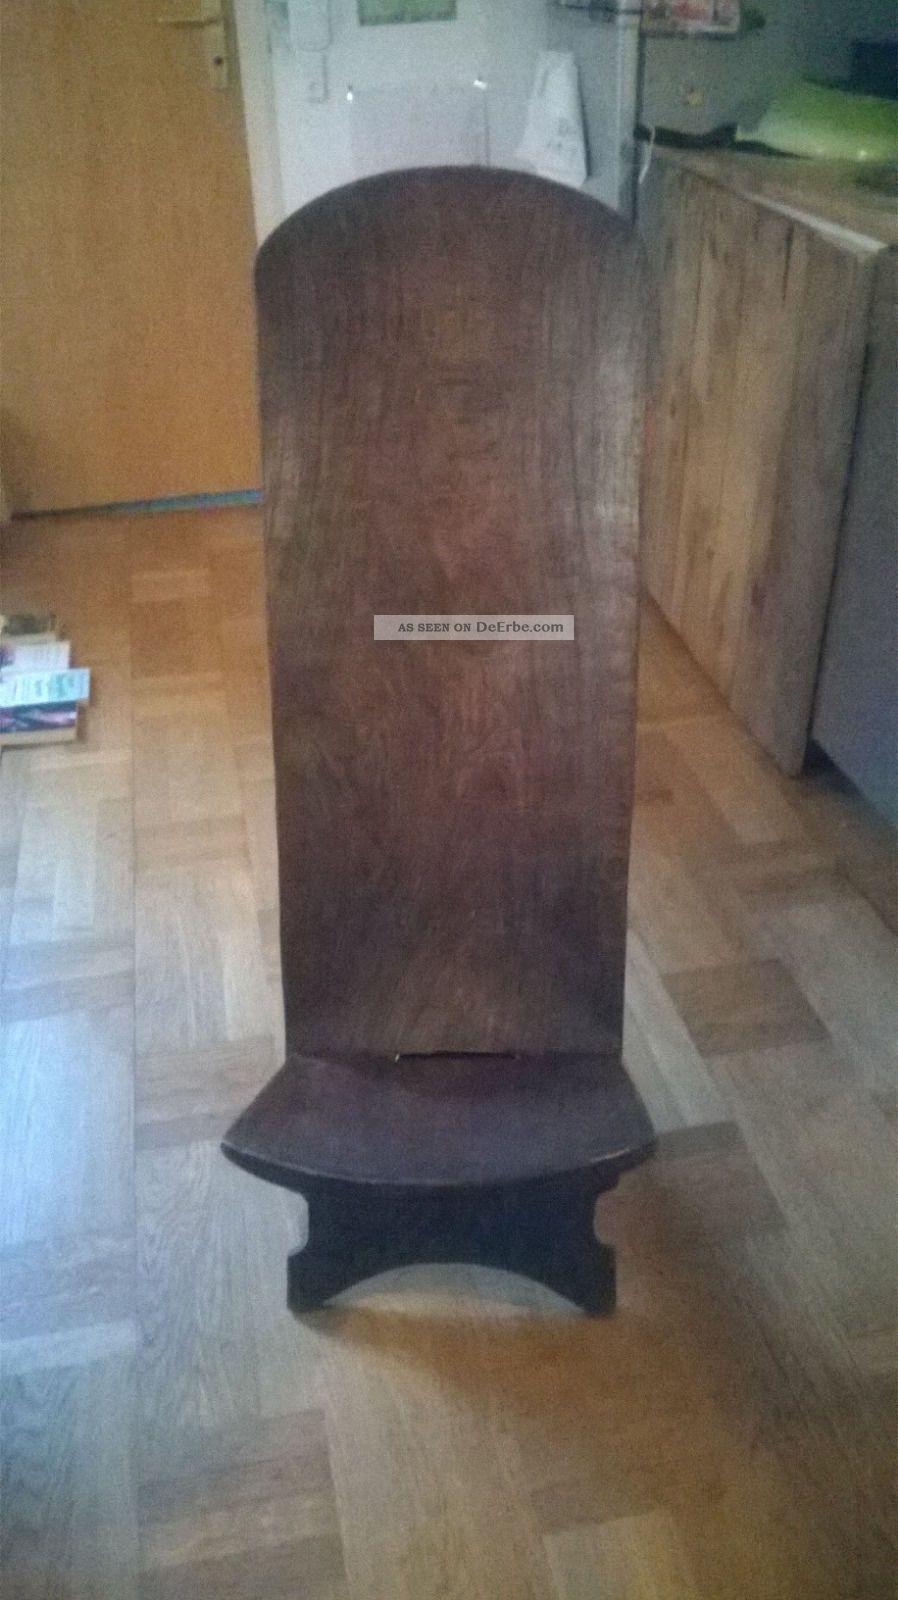 Zweiteilig Holz Afrikanischer Stuhl Zweiteilig Holz Afrikanischer Stuhl 35RScALjq4